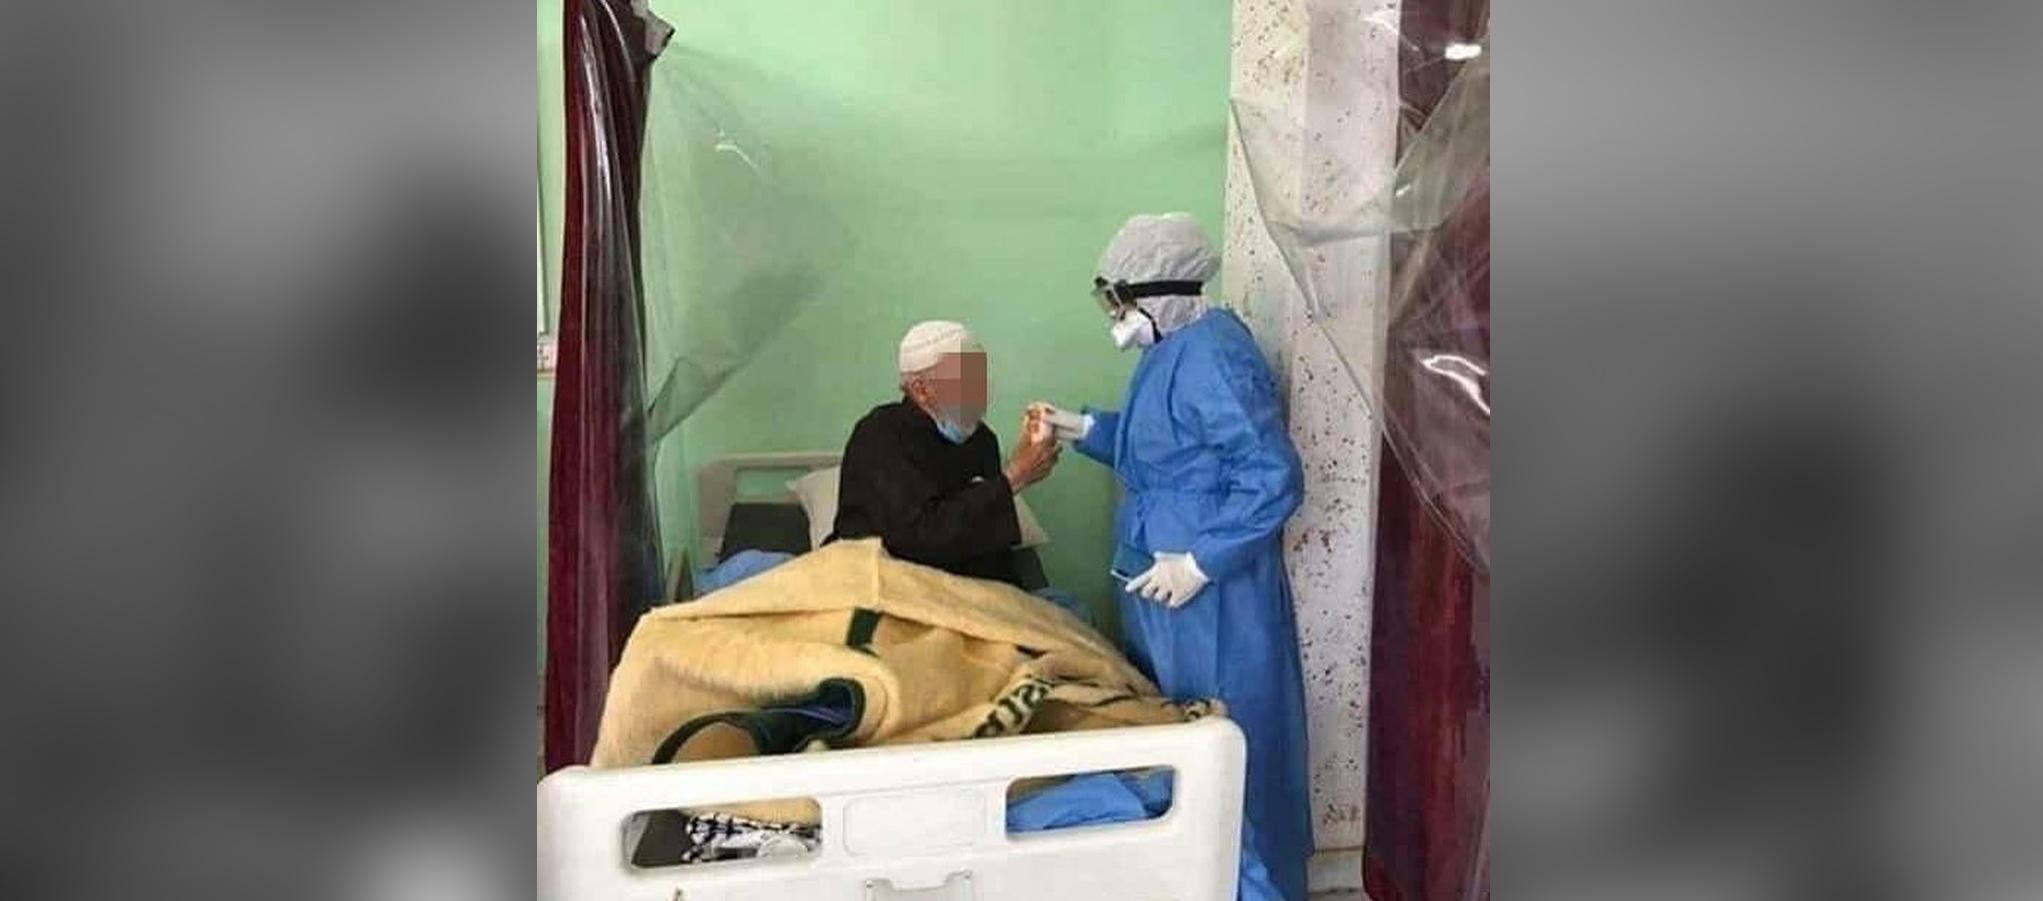 صور لاحدى الممرضات من مستشفى كربلاء